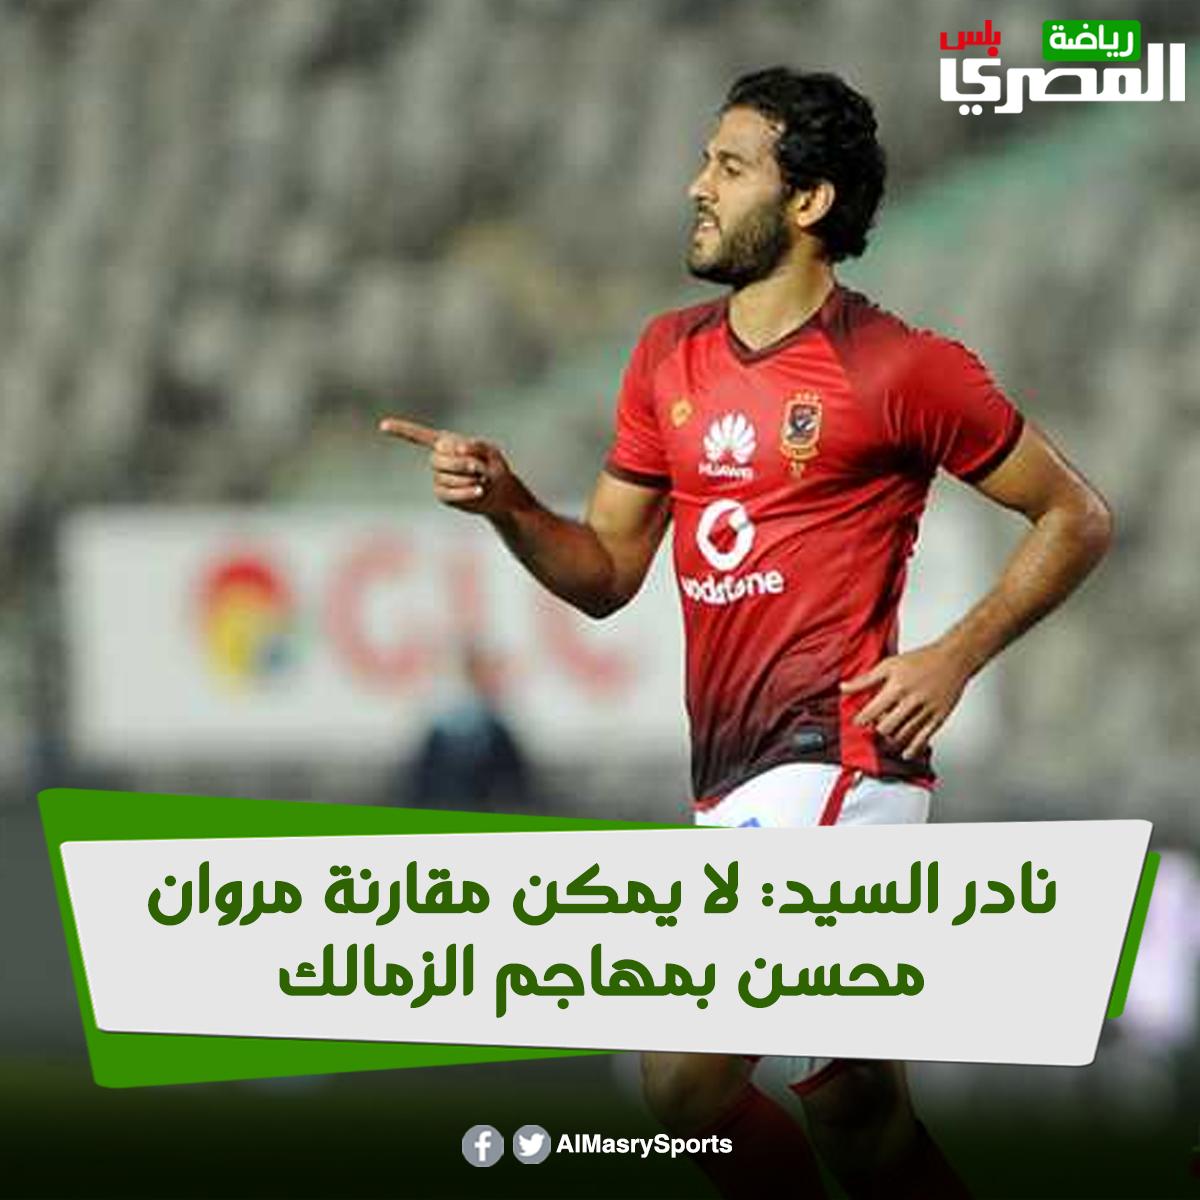 نادر السيد لا يمكن مقارنة مروان محسن بمهاجم الزمالك